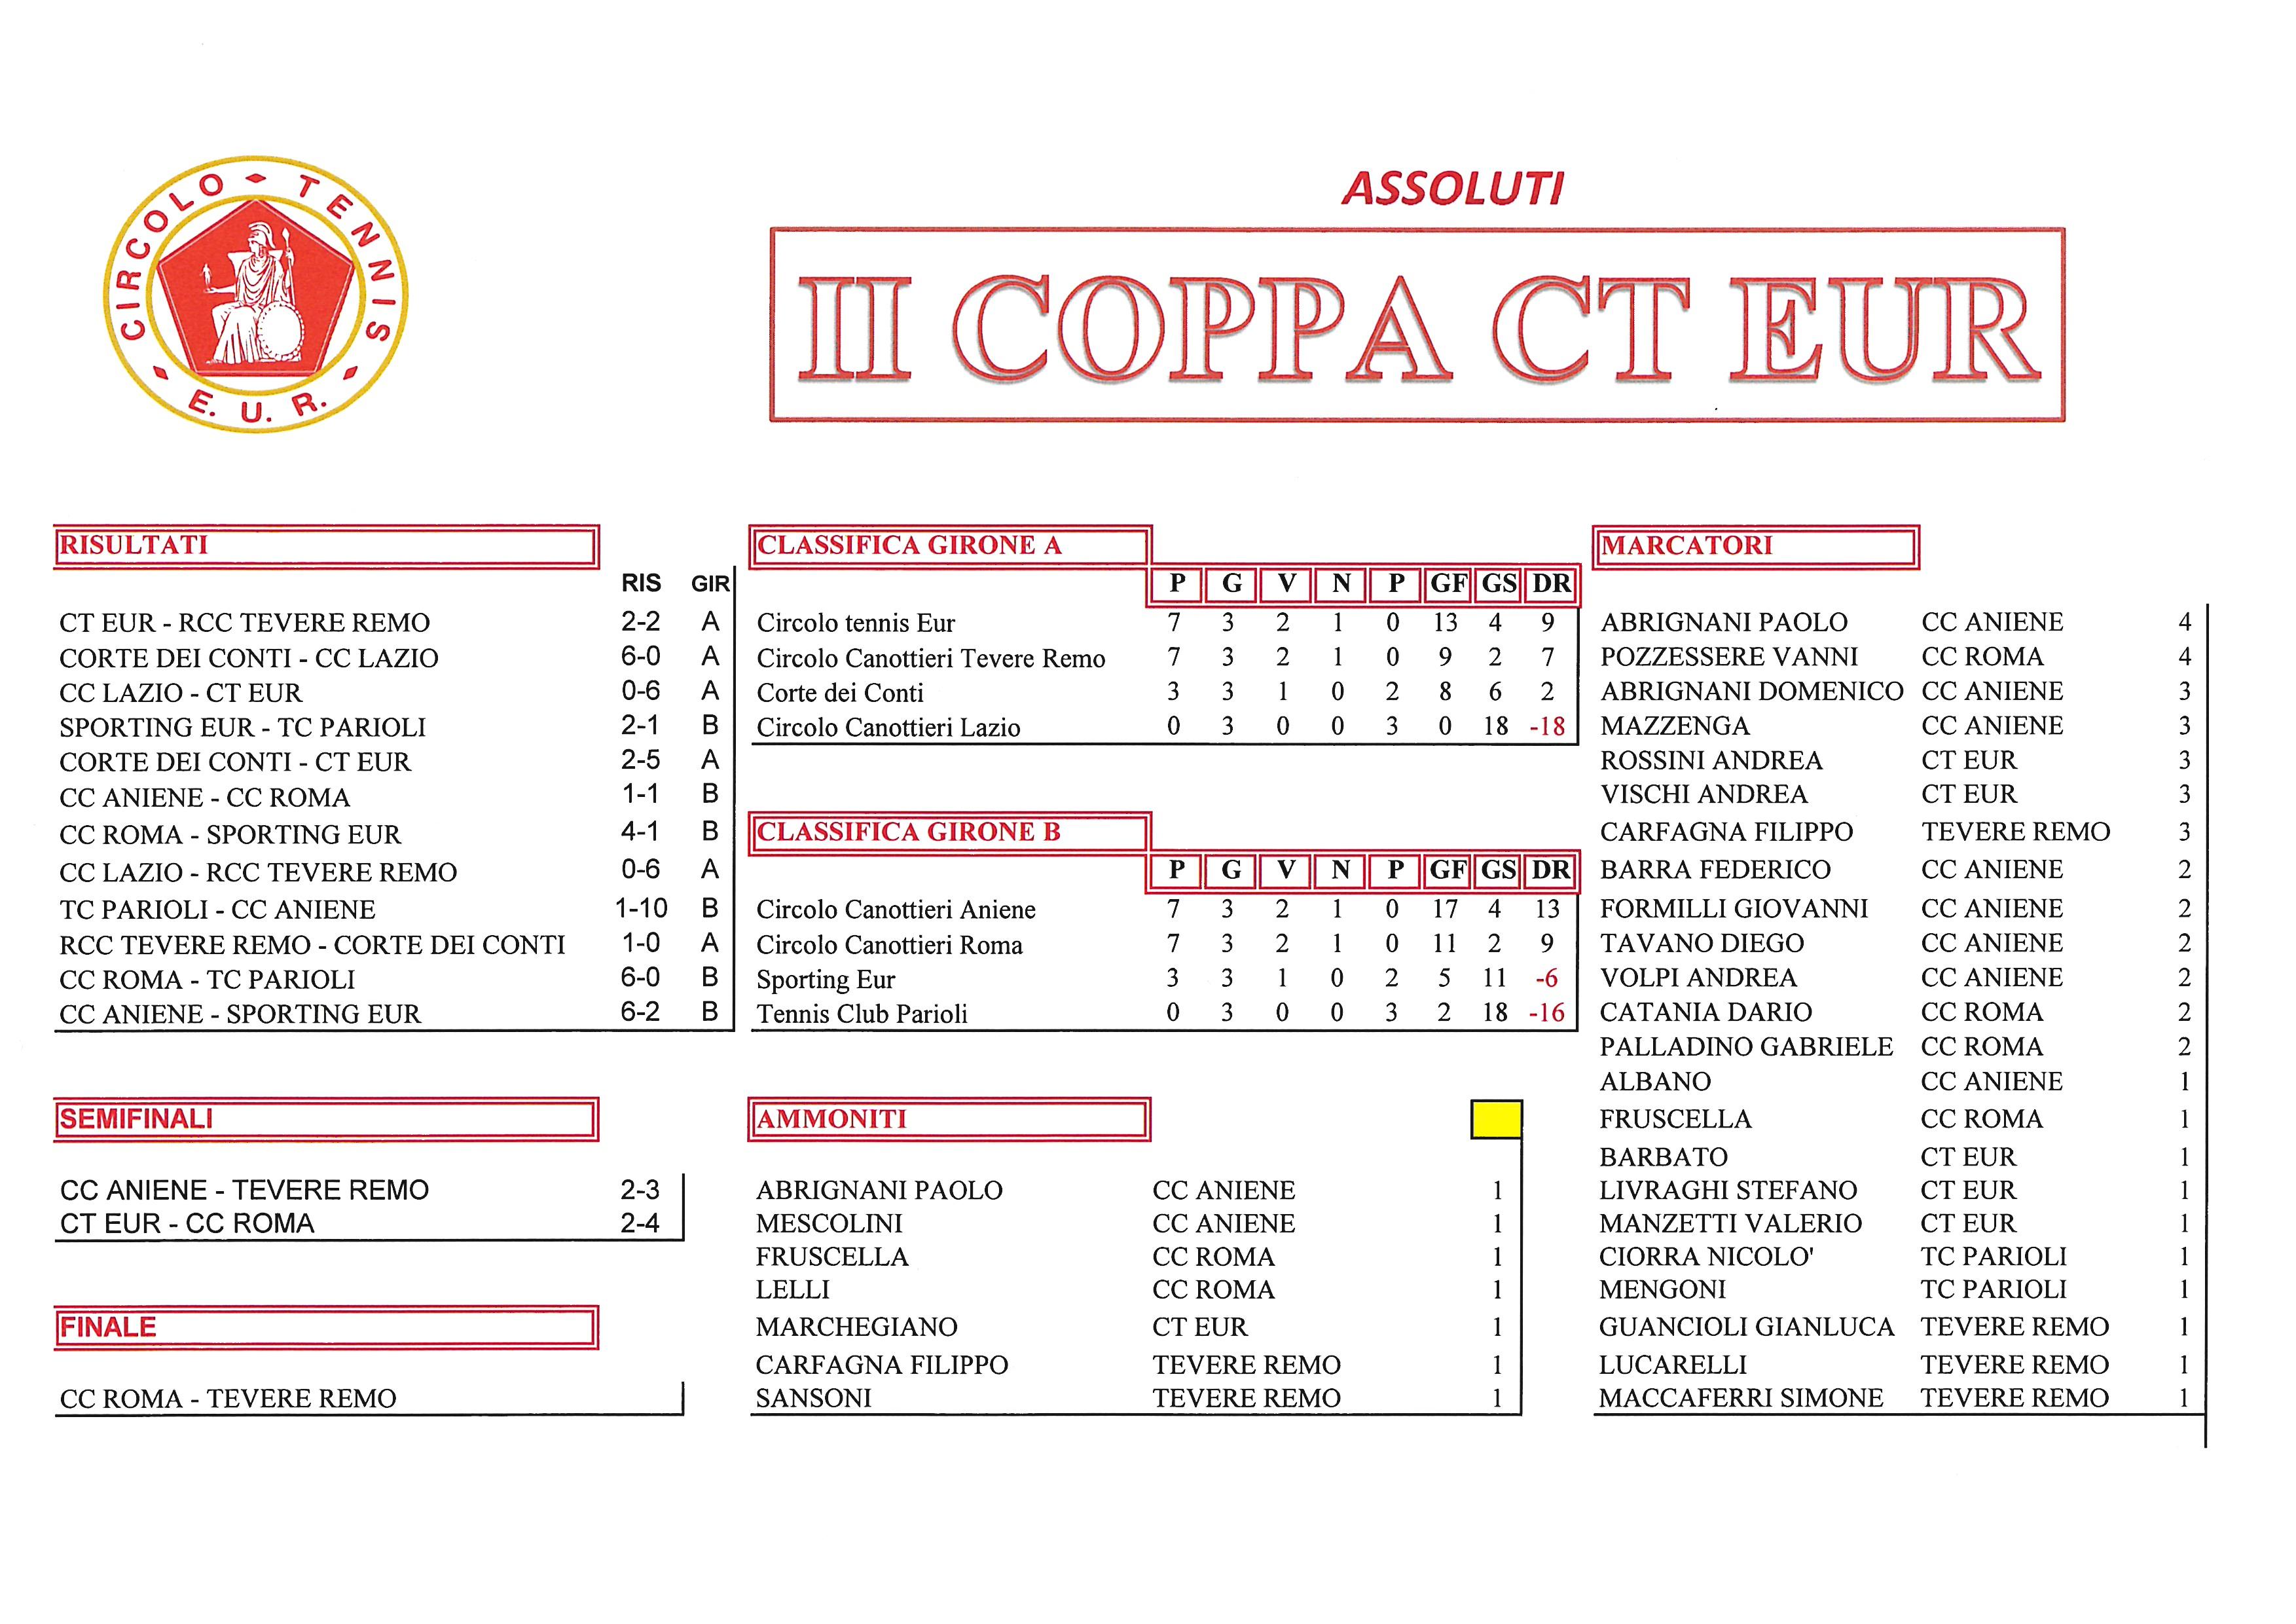 Coppa CT Eur Semifinali Calcio a 5 11 ottobre 2017 Assoluti